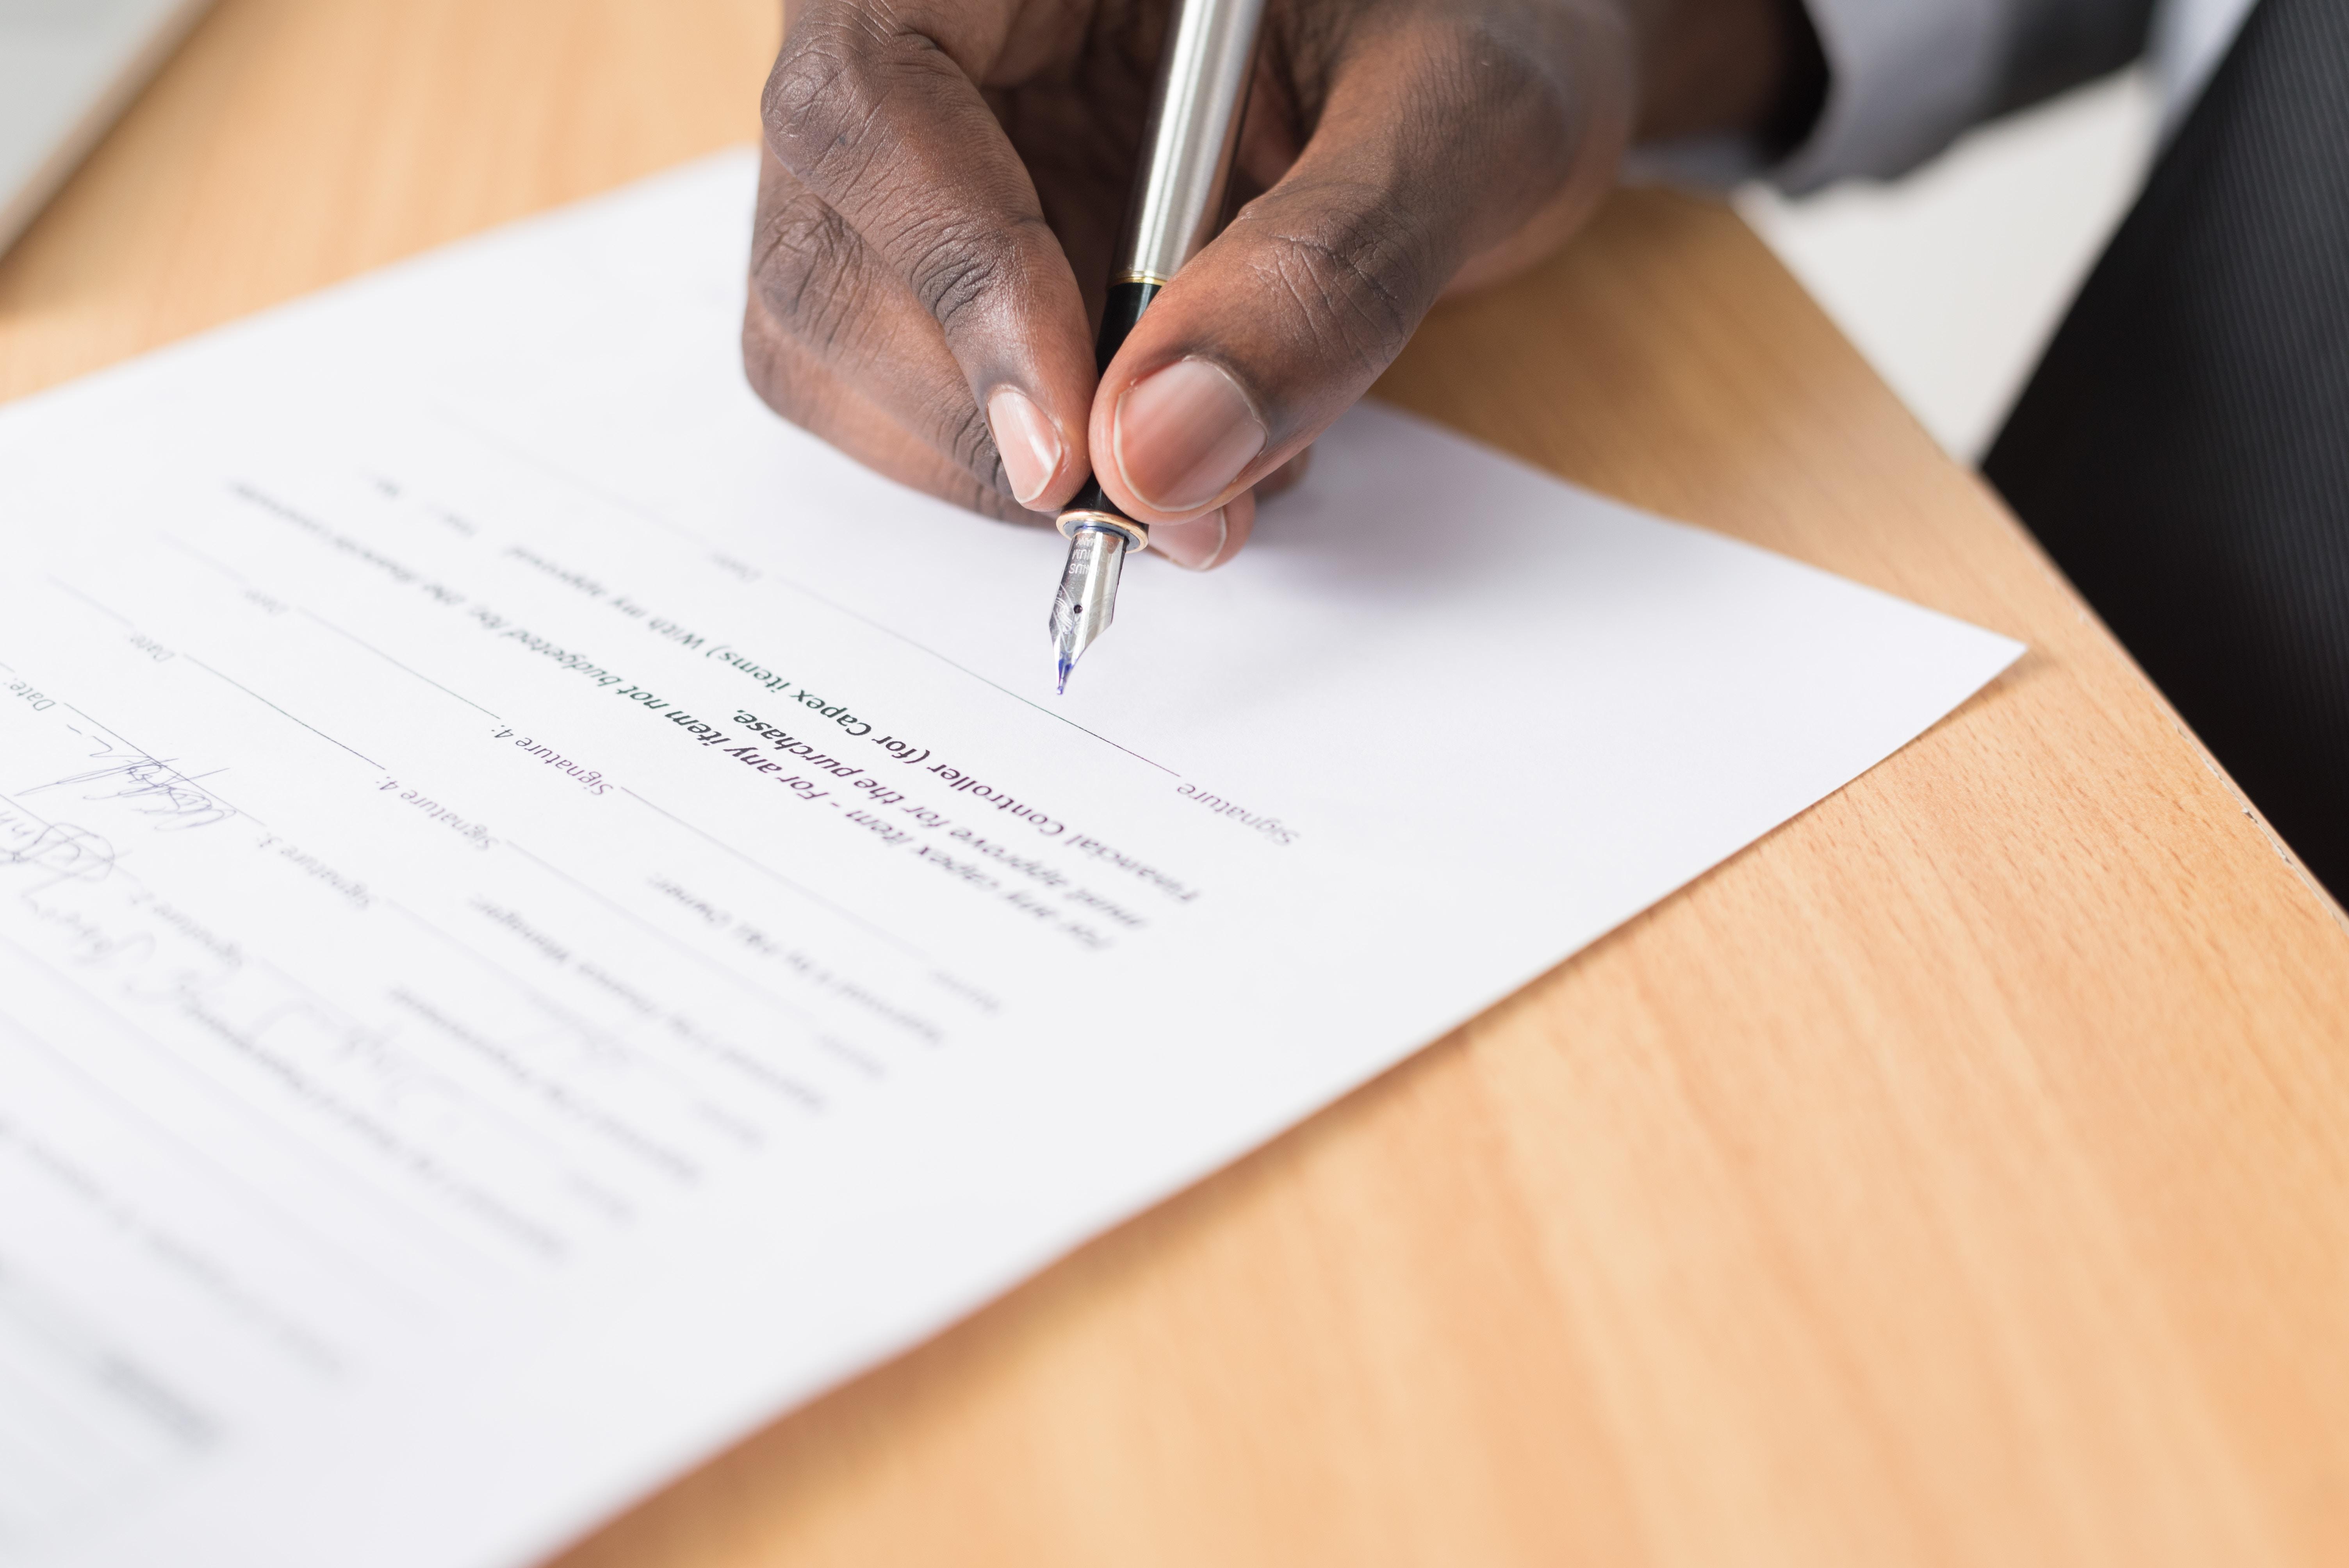 契約書・就業規則翻訳を円滑に済ませる3つのポイント